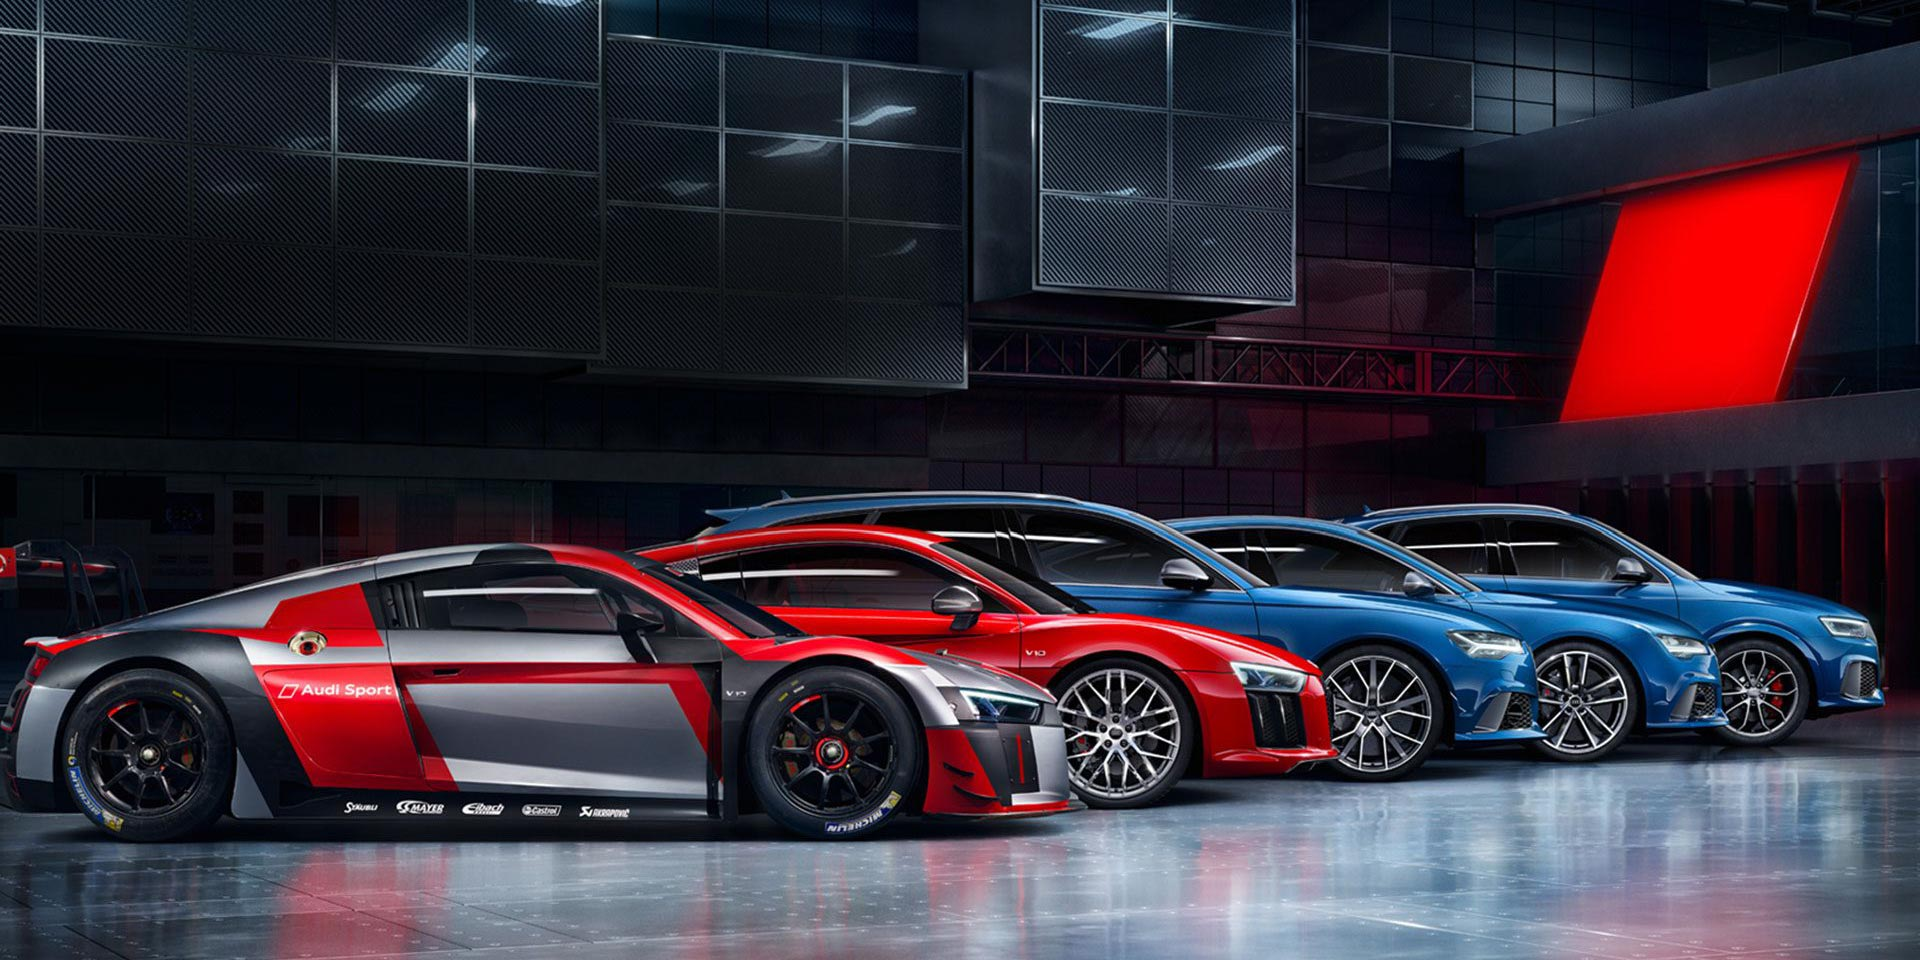 Arrojo Audi Sport